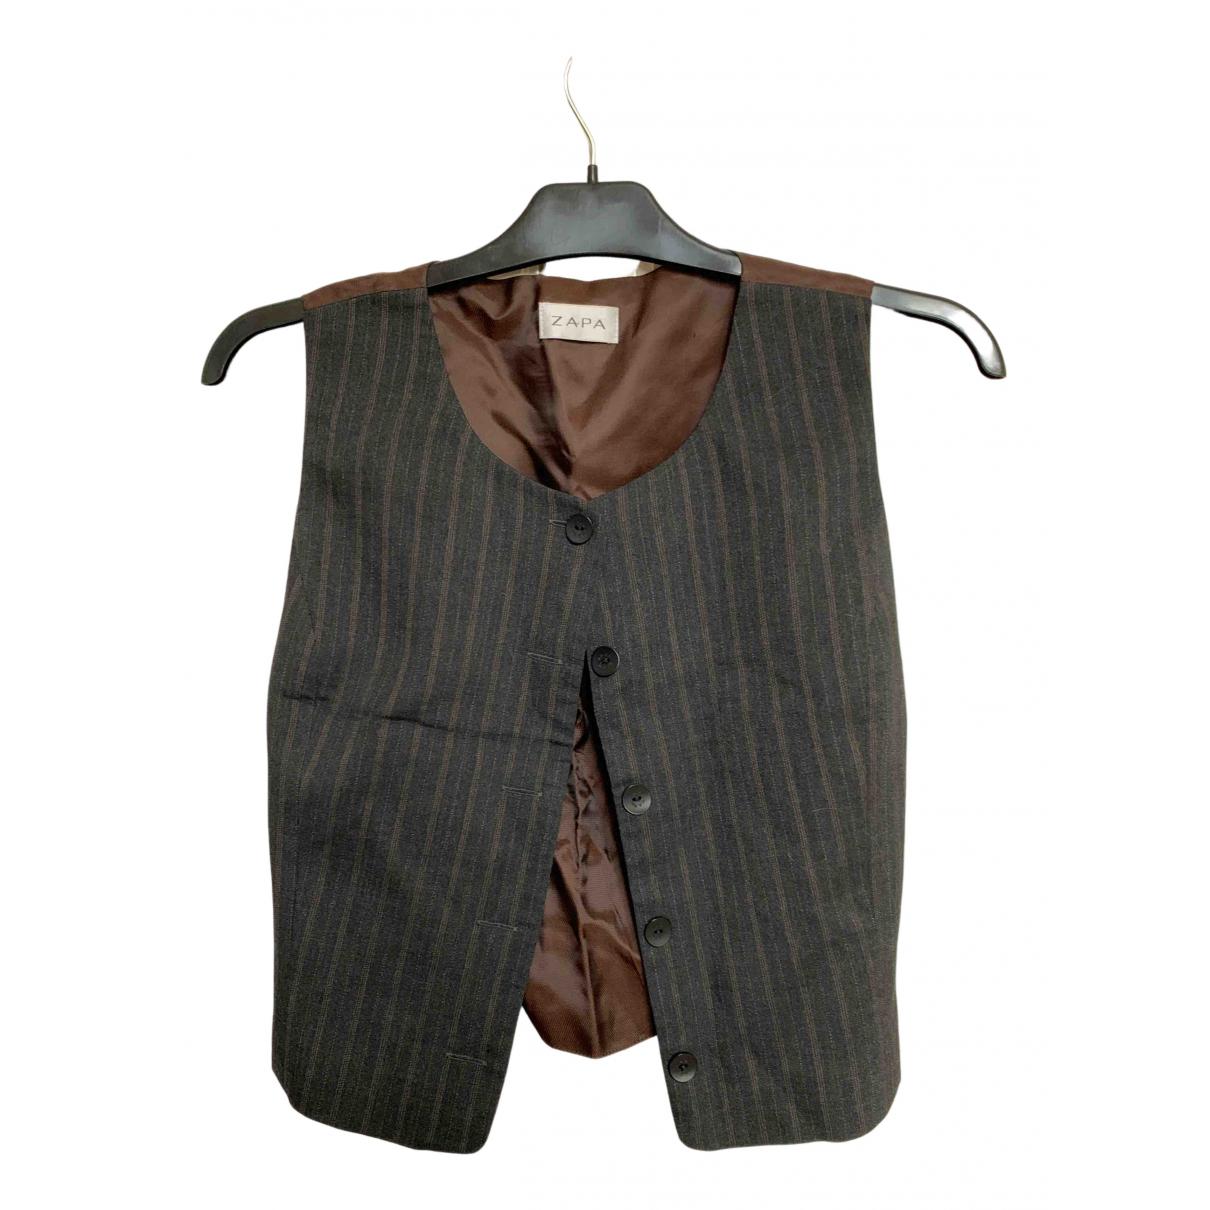 Zapa N Brown Knitwear for Women 36 FR